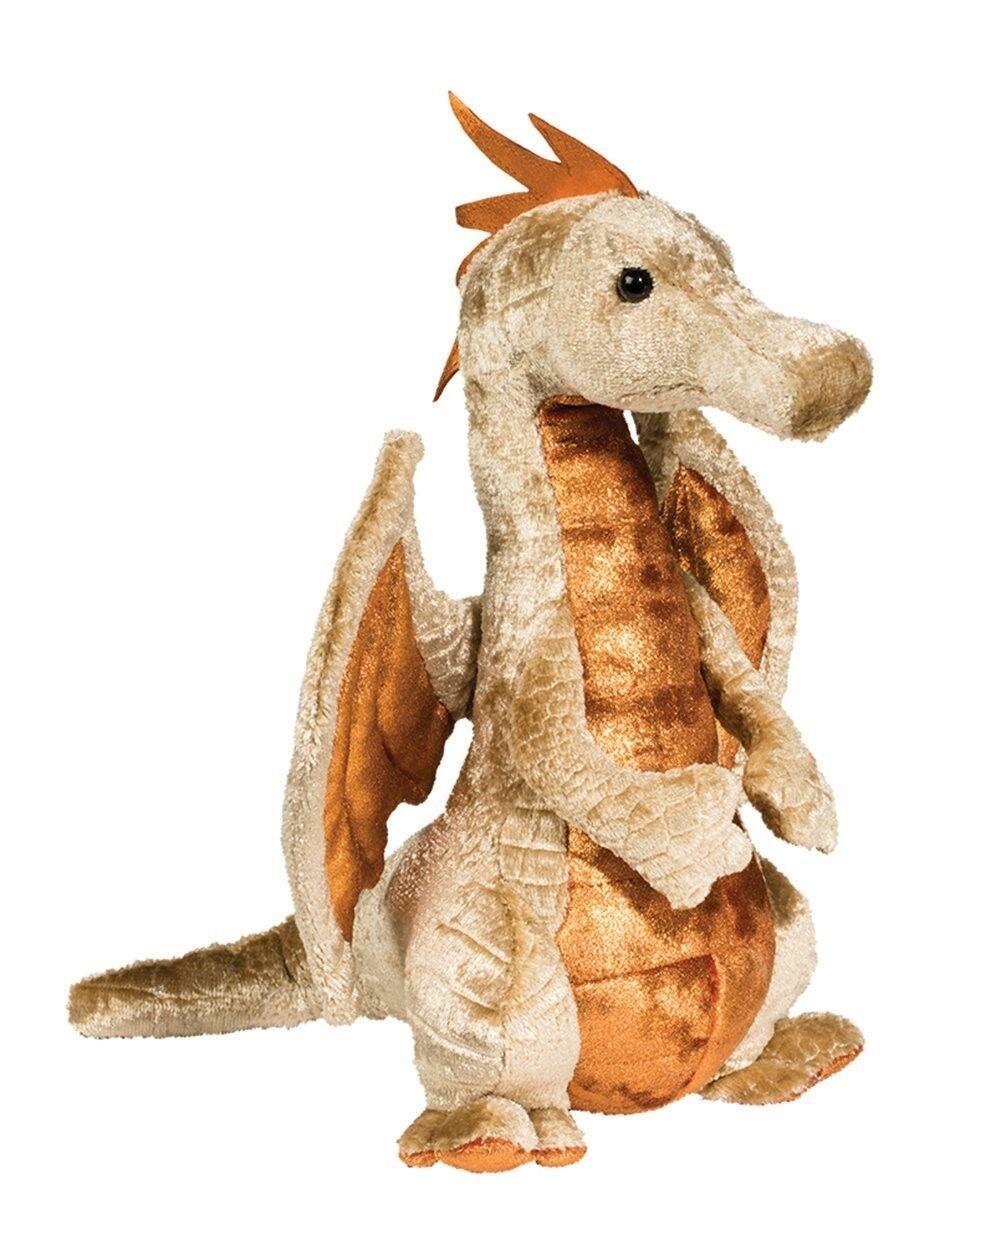 10 Inch Elgar Copper Dragon Push Stuffed Animal by Douglas